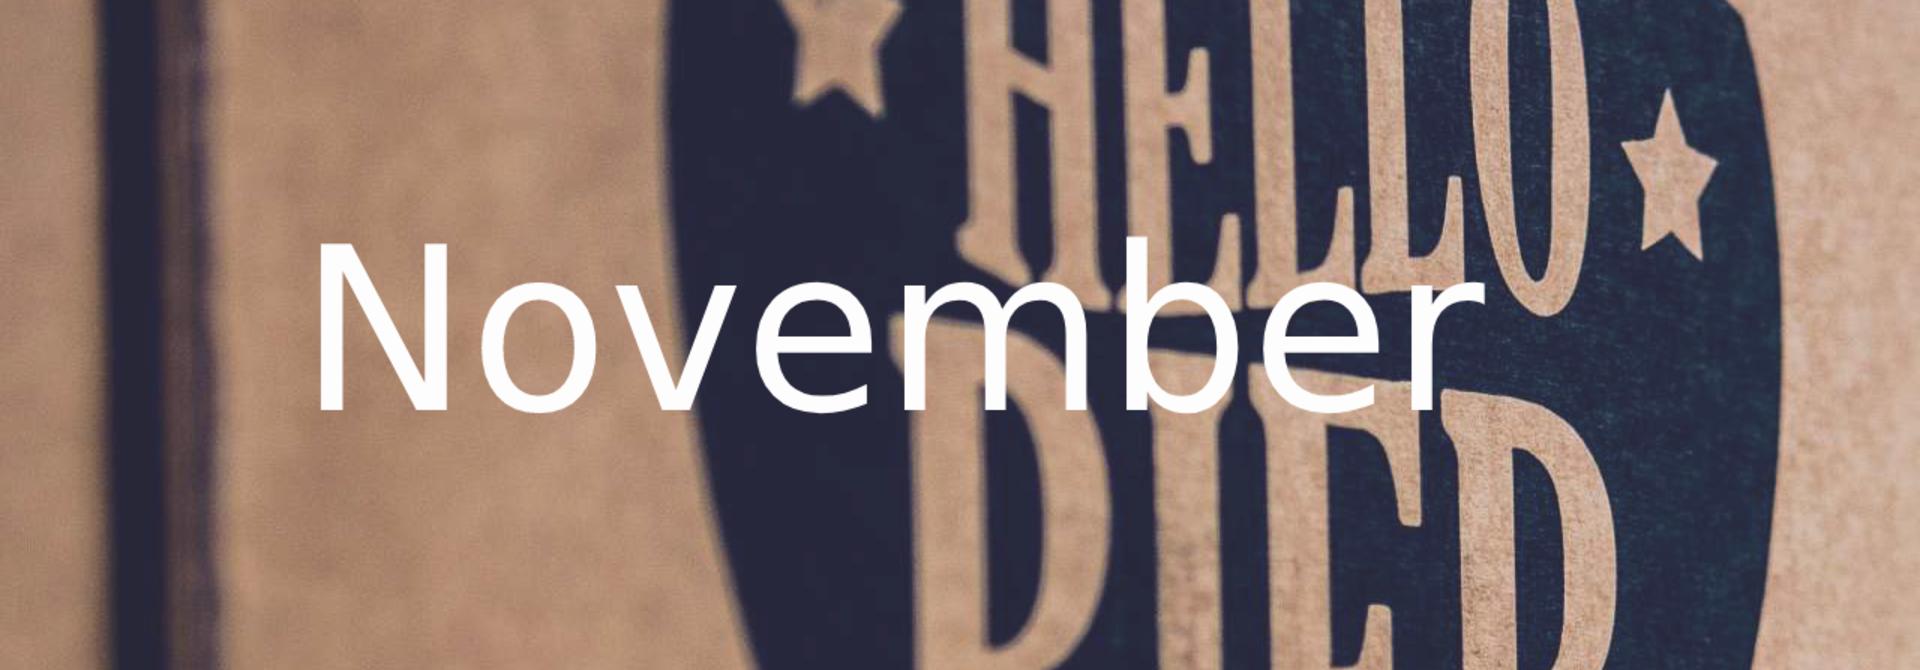 Hellobier speciaalbierpakket november 2017